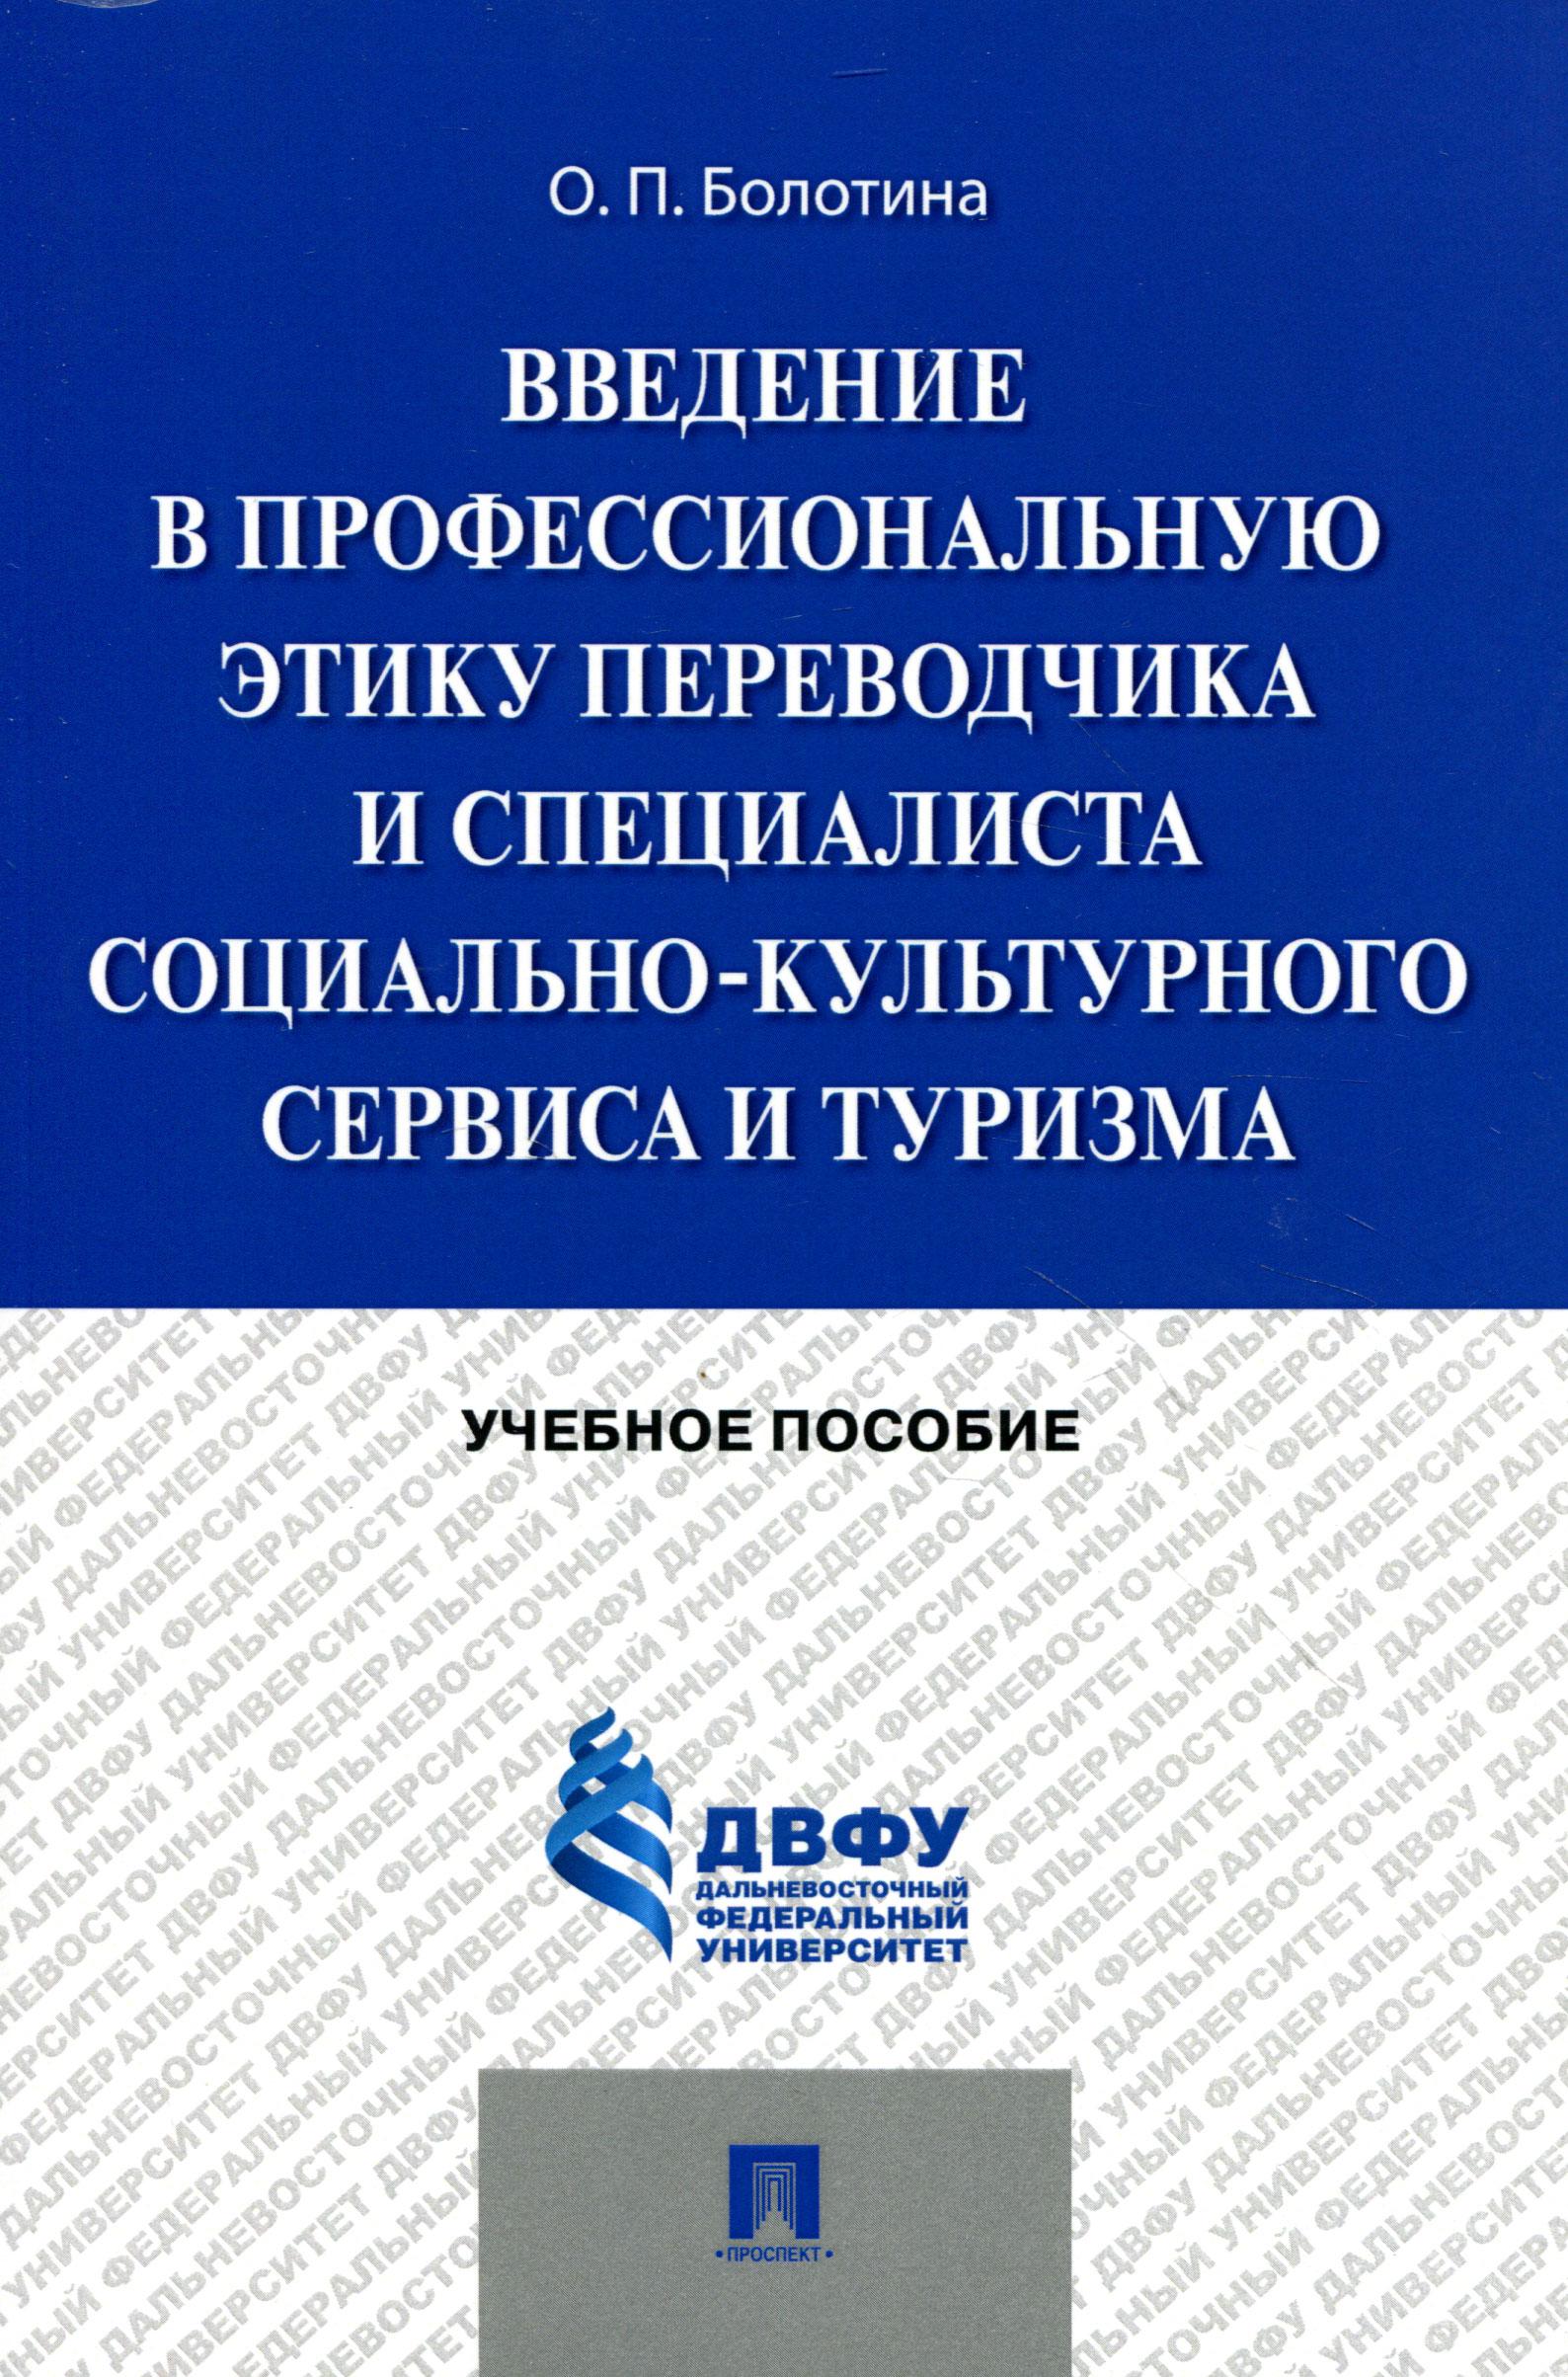 Введение в профессиональную этику переводчика и специалиста социально-культурного сервиса и туризма. Учебное пособие